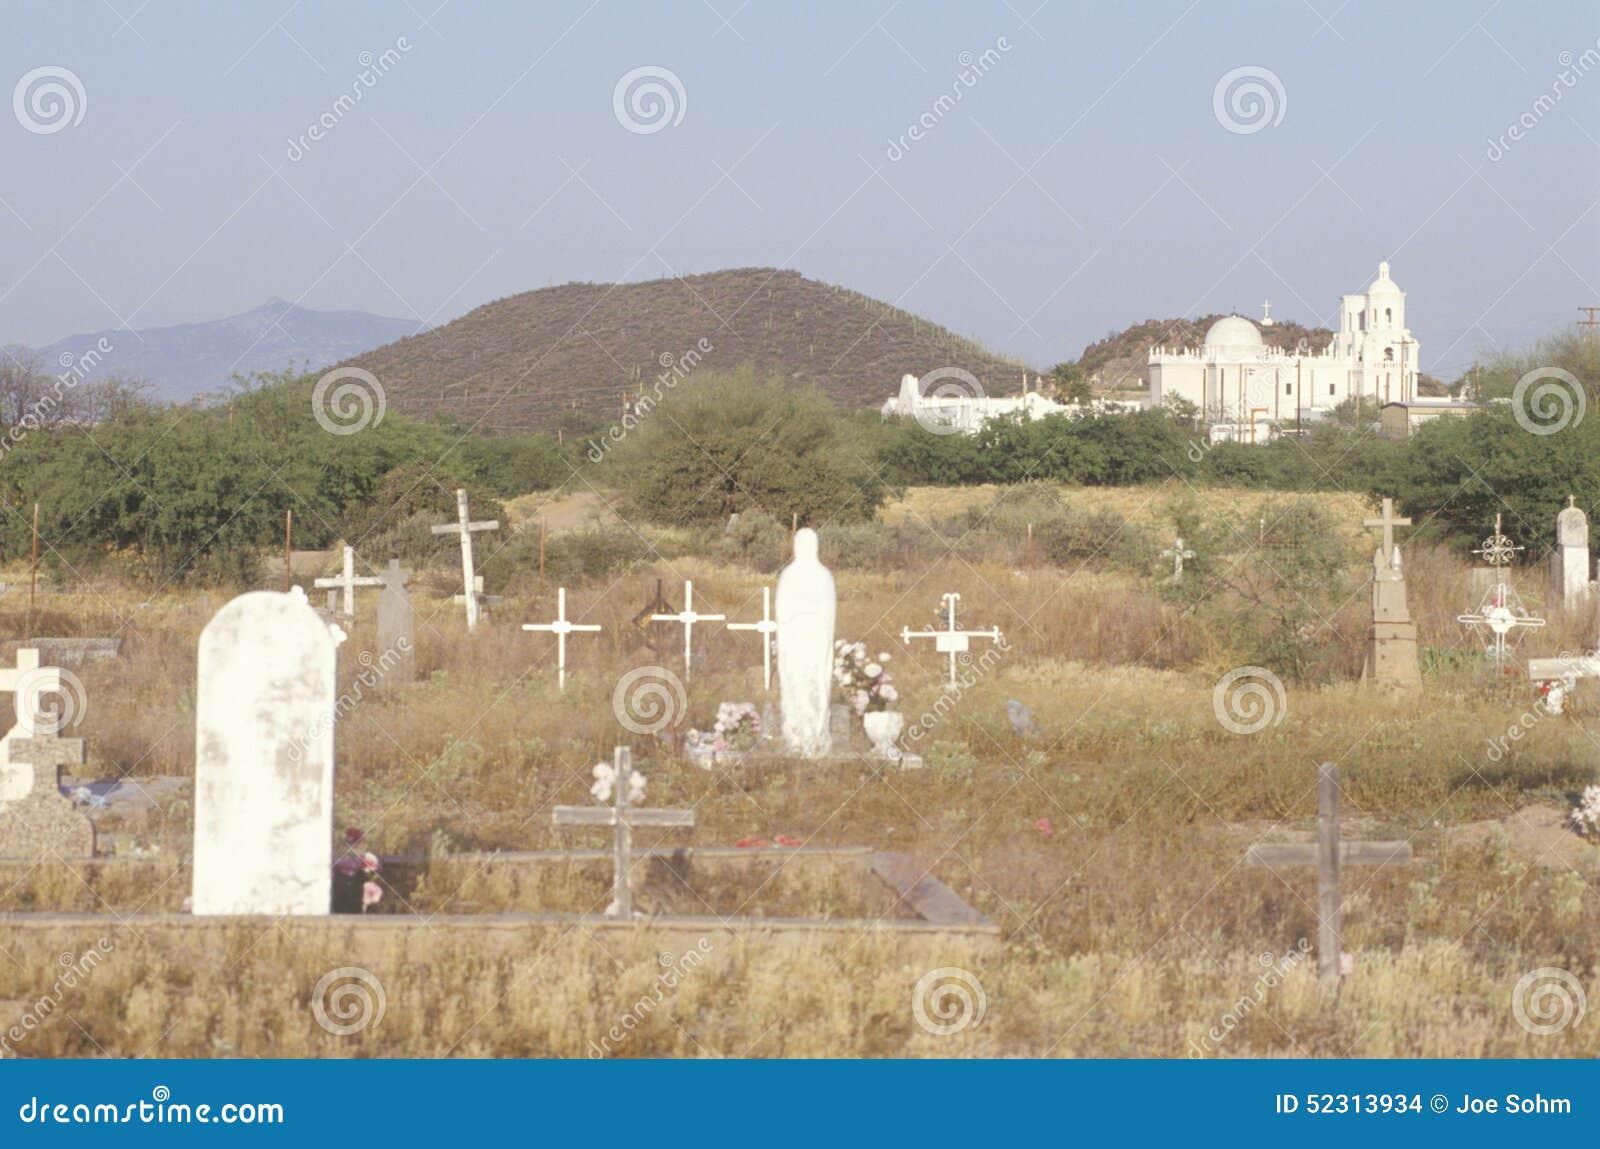 De Opdrachtsan Xavier begraafplaats werd opgericht tussen 1783 en 1897 in Tucson Arizona